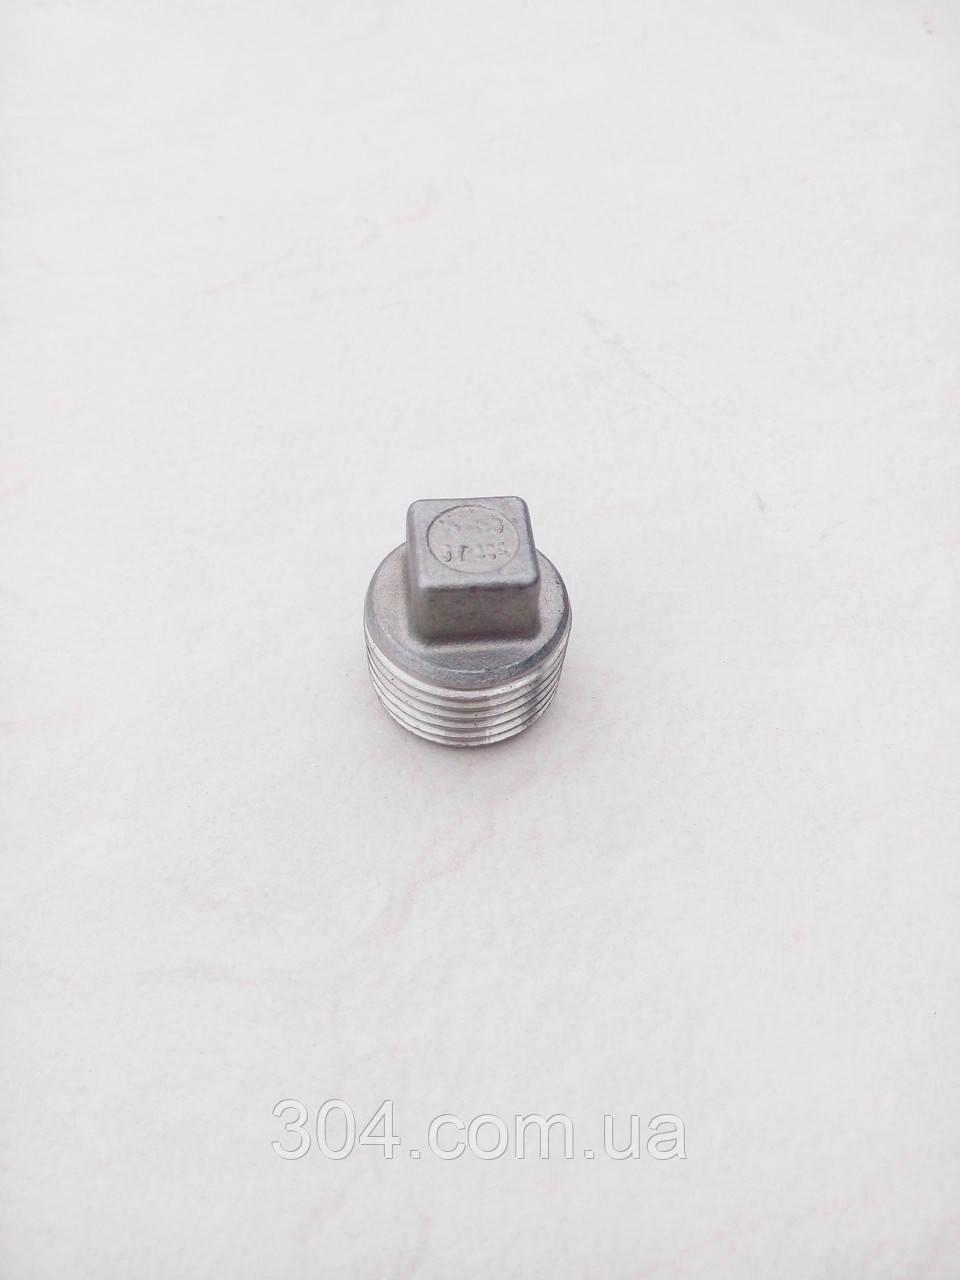 Заглушка нержавеющая Ду 32(1 1/4 дюйма), AISI 304